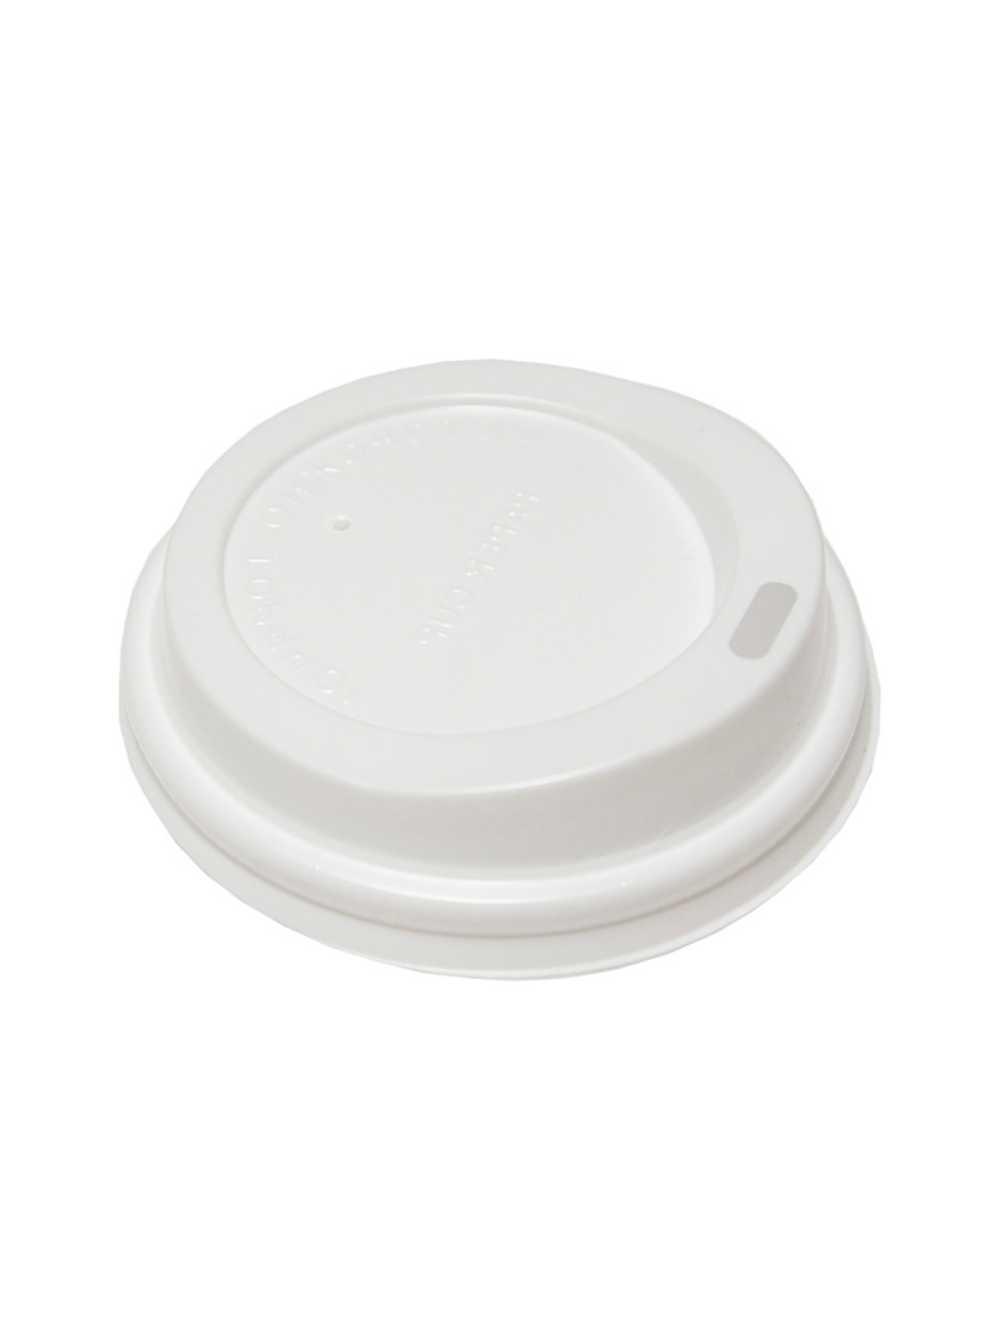 Крышка для бумажного стаканчика HoReCa 165 мл. белая